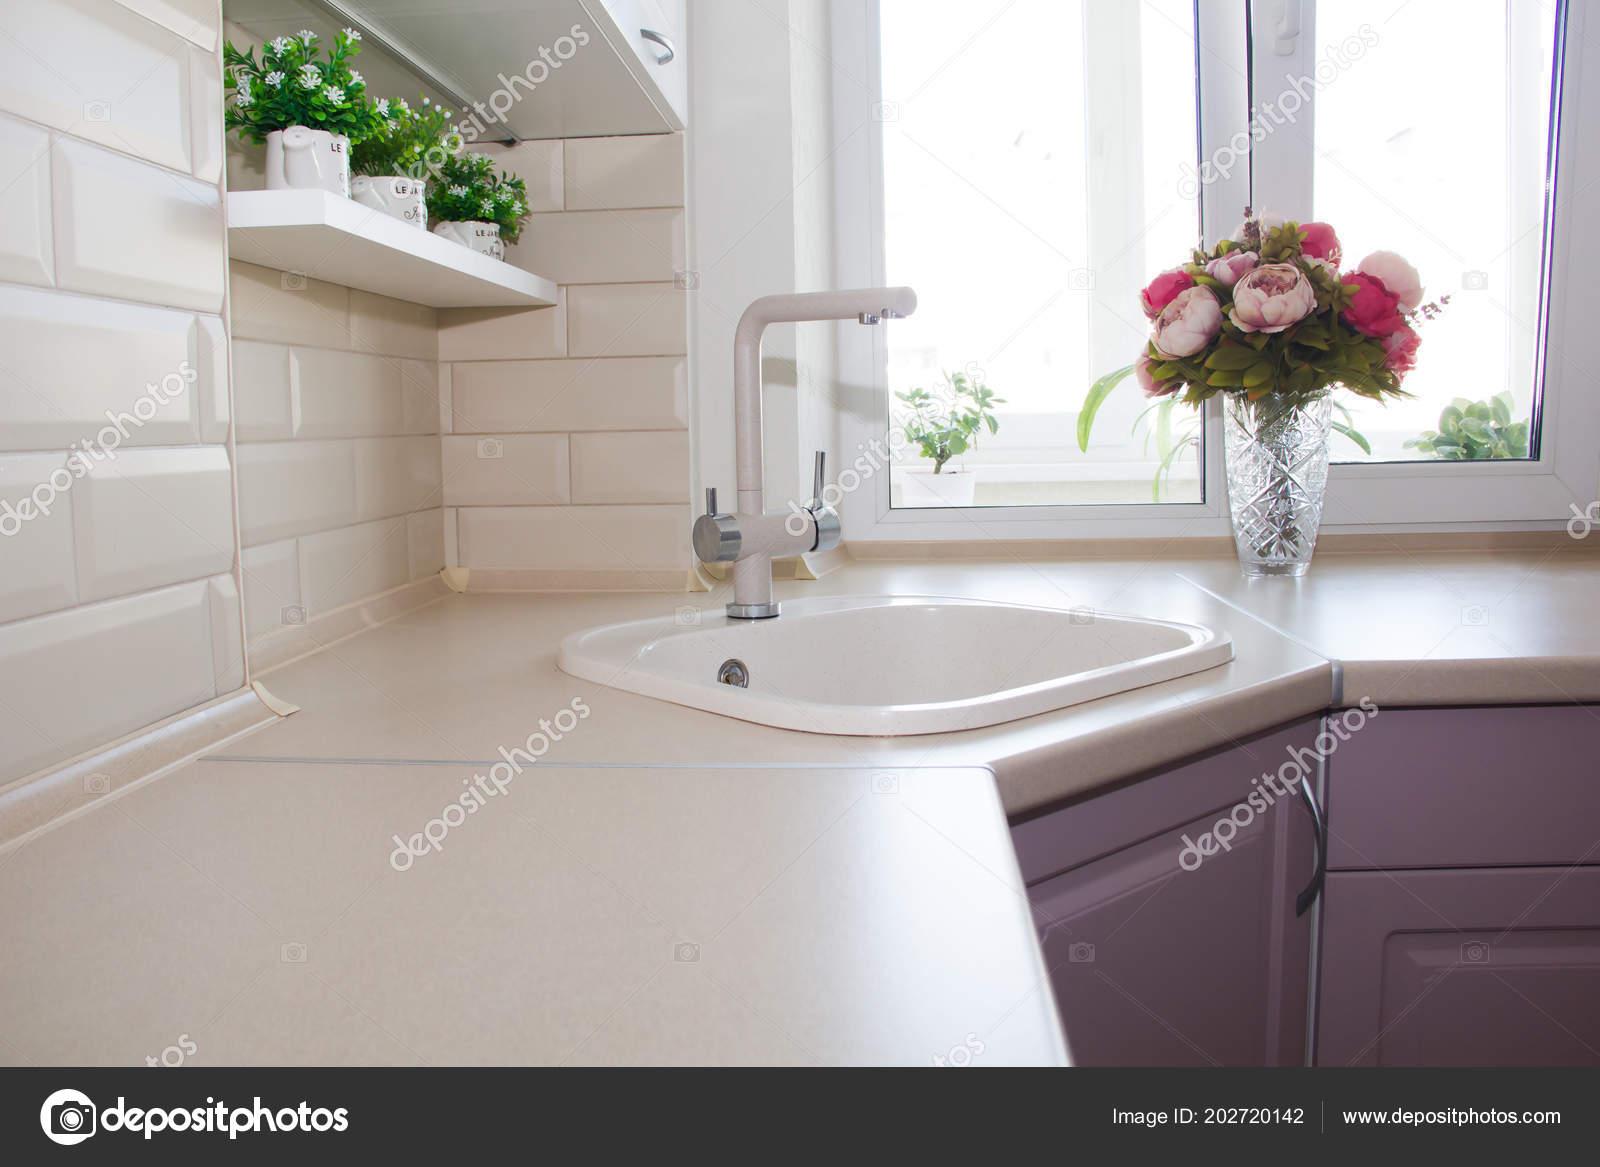 Lavabo Ceramica Costruito Cucina — Foto Stock © alenka2194 #202720142